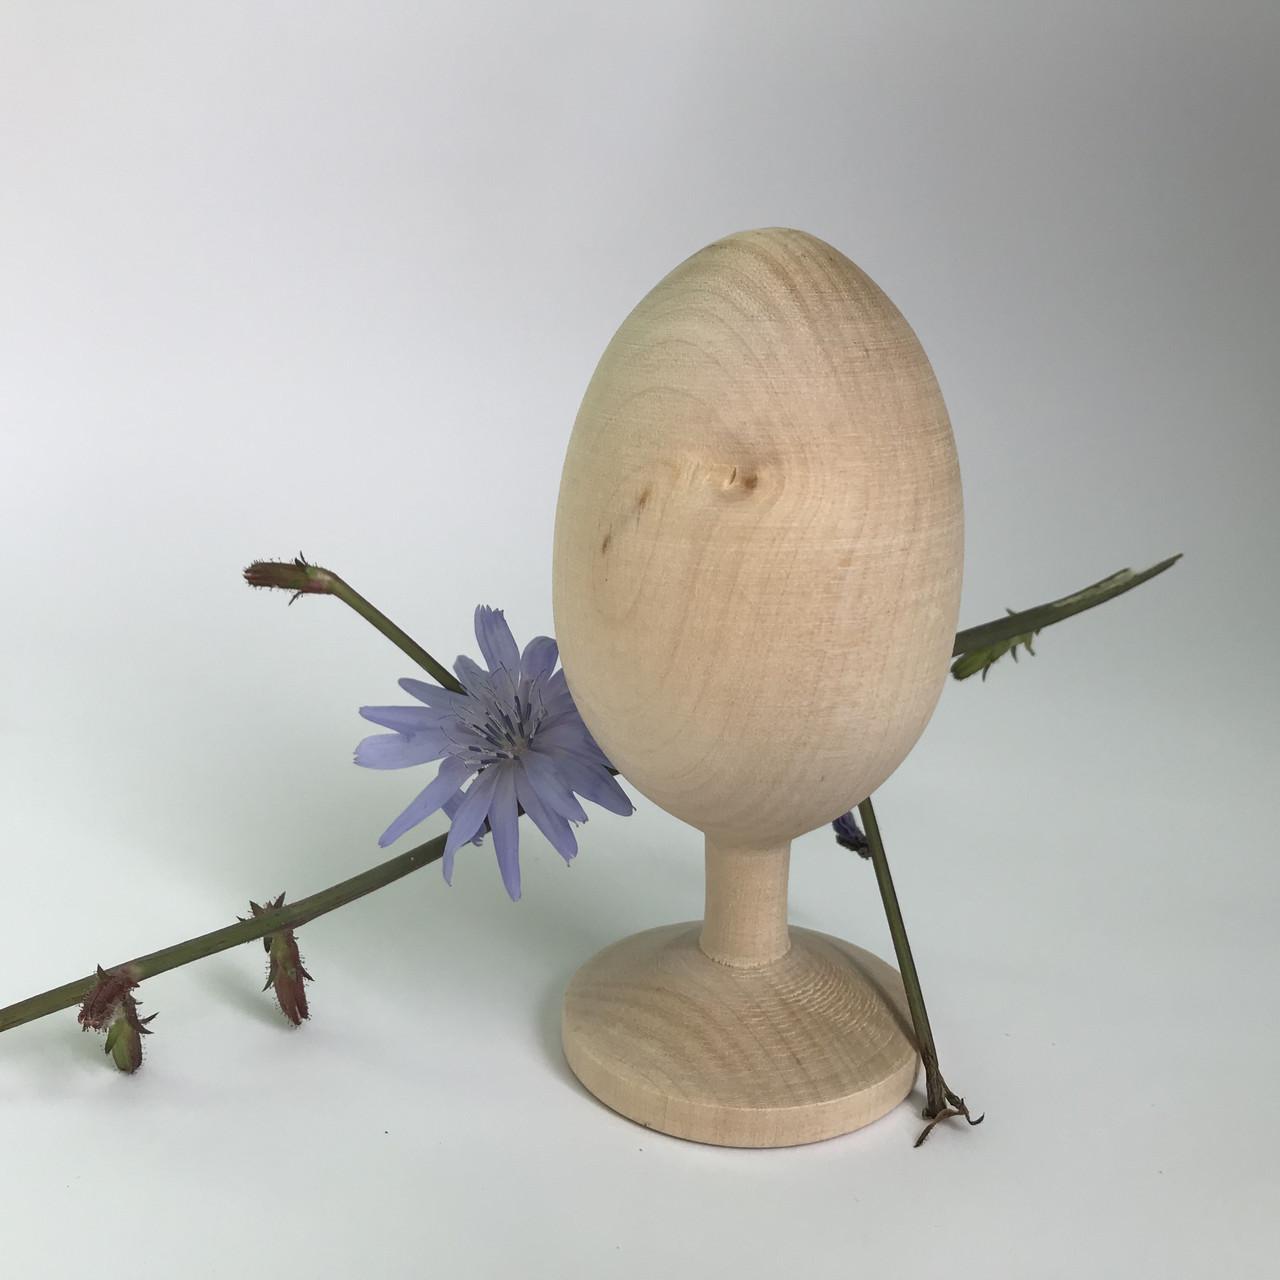 Яйце дерев'янне на ніжці 9*4.5